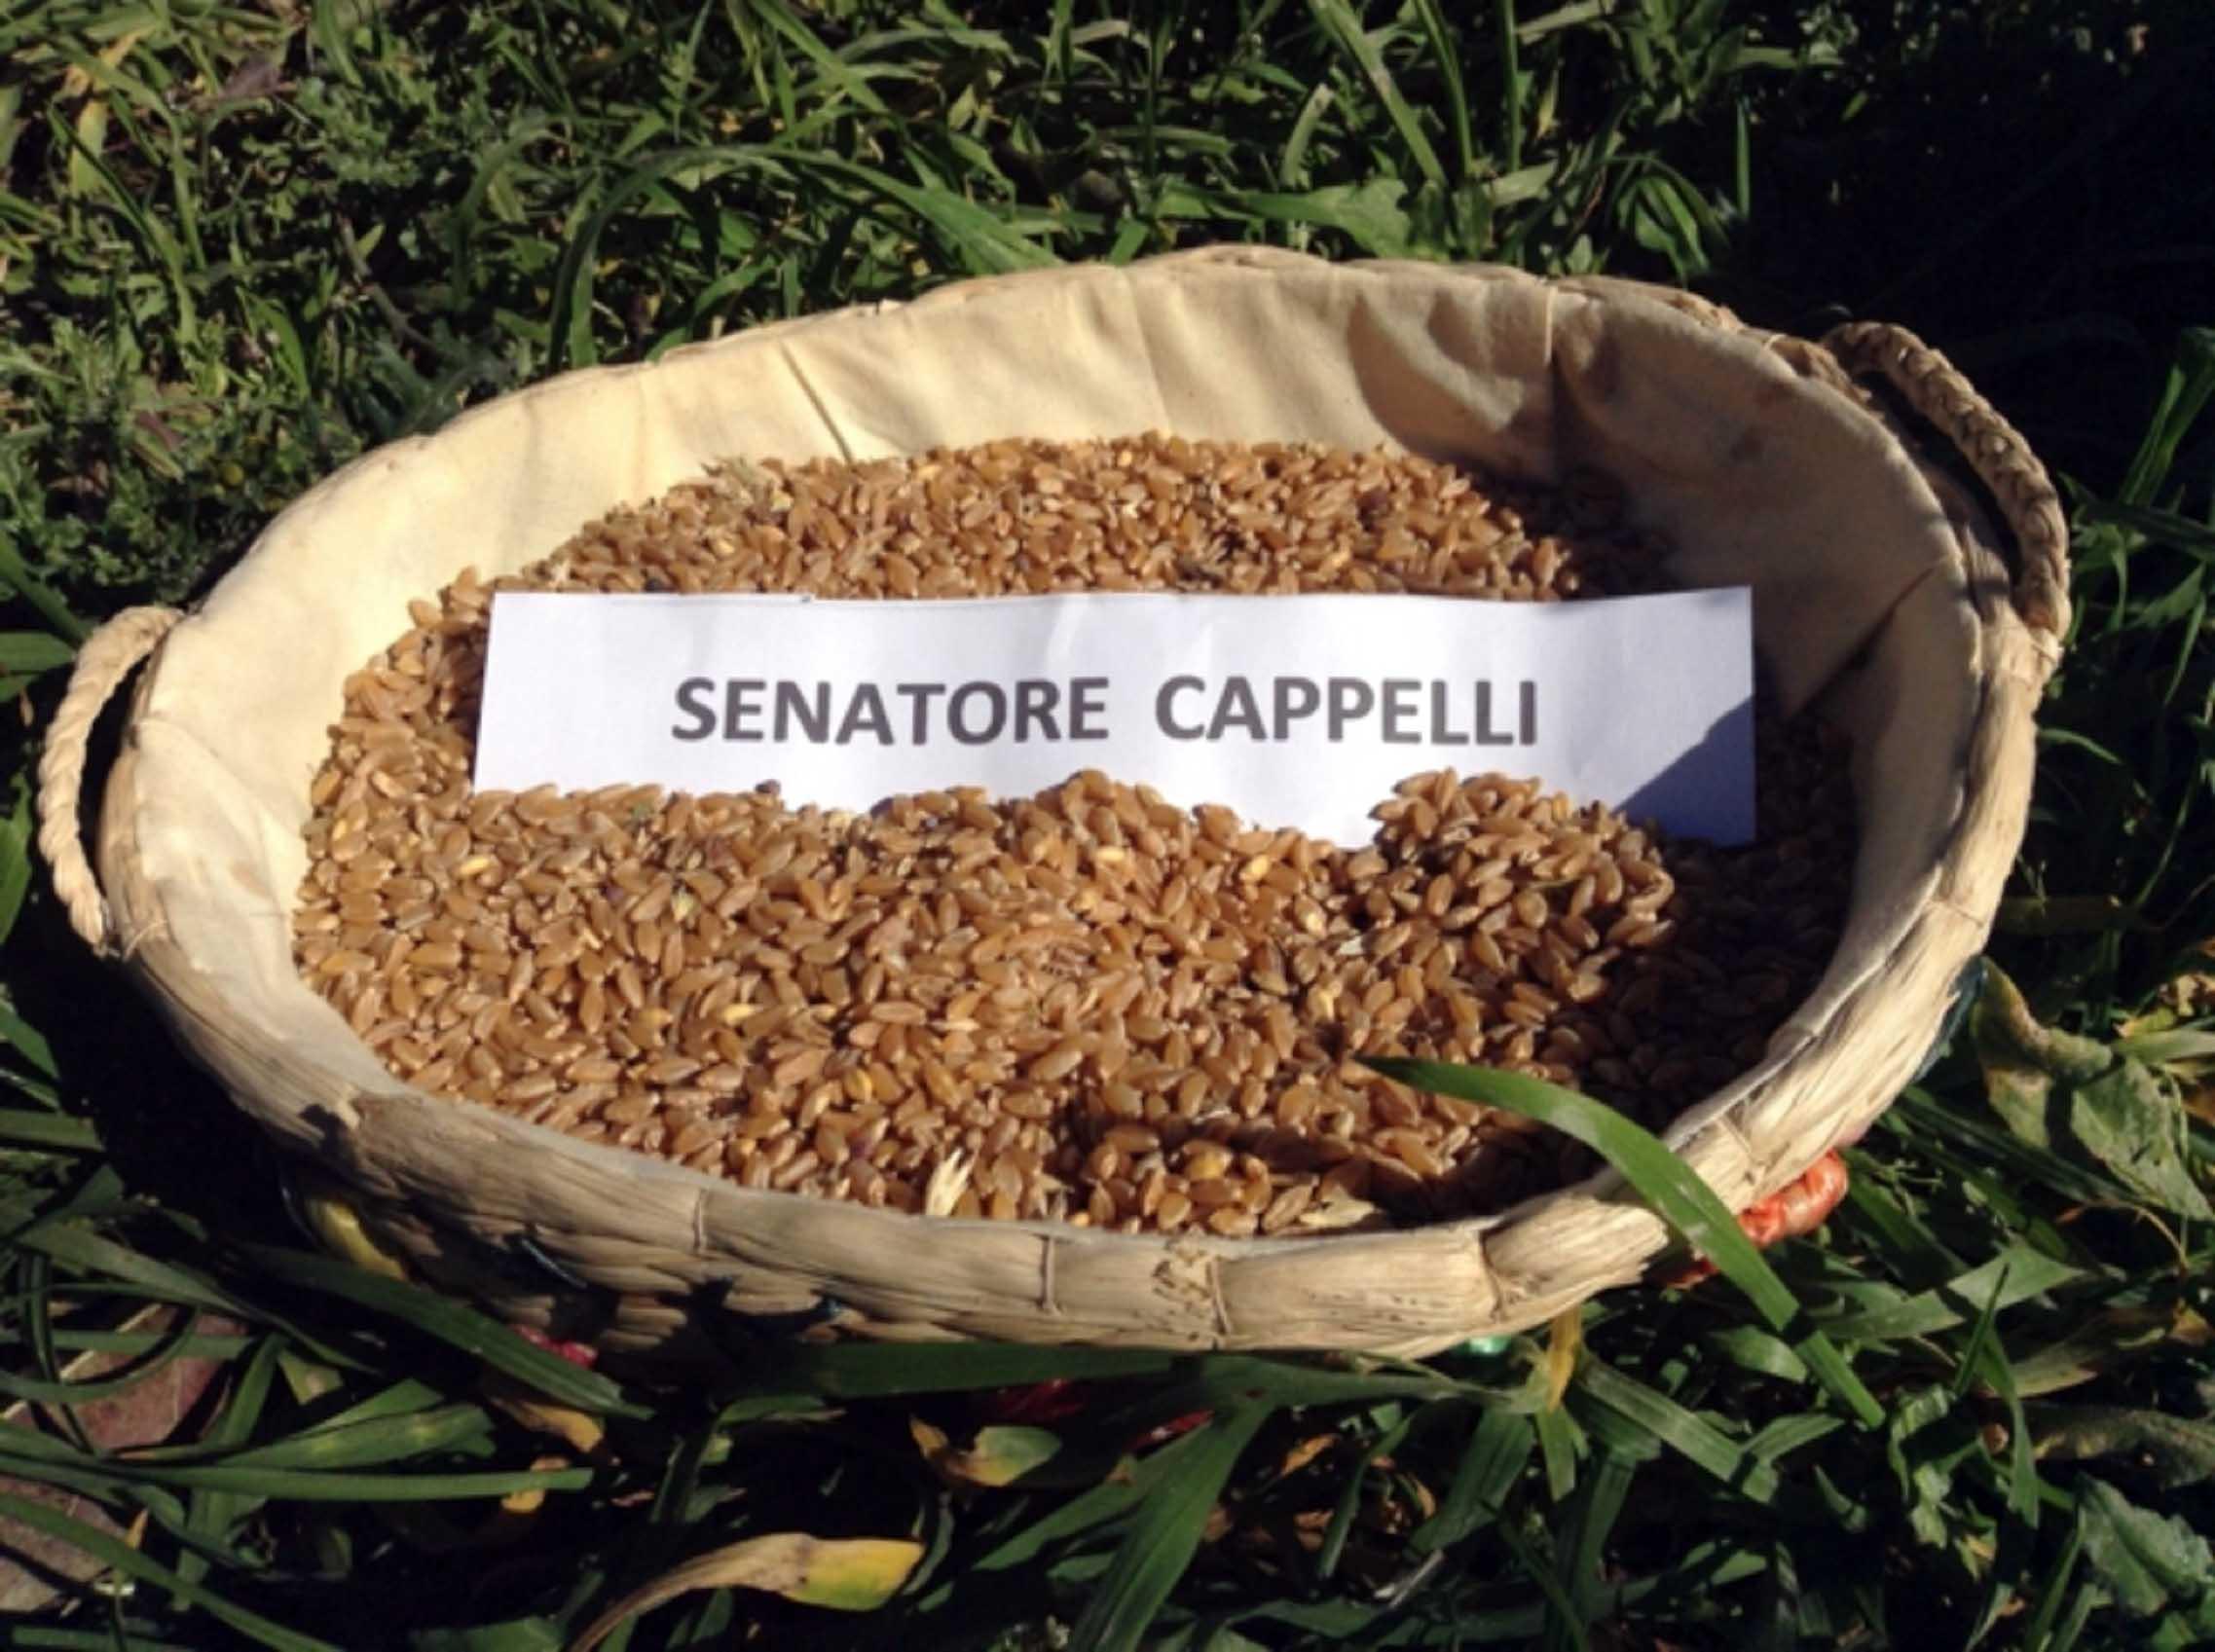 vendita scontata codice promozionale raccogliere Antitrust multa SIS per scorrettezza nella vendita di sementi ...